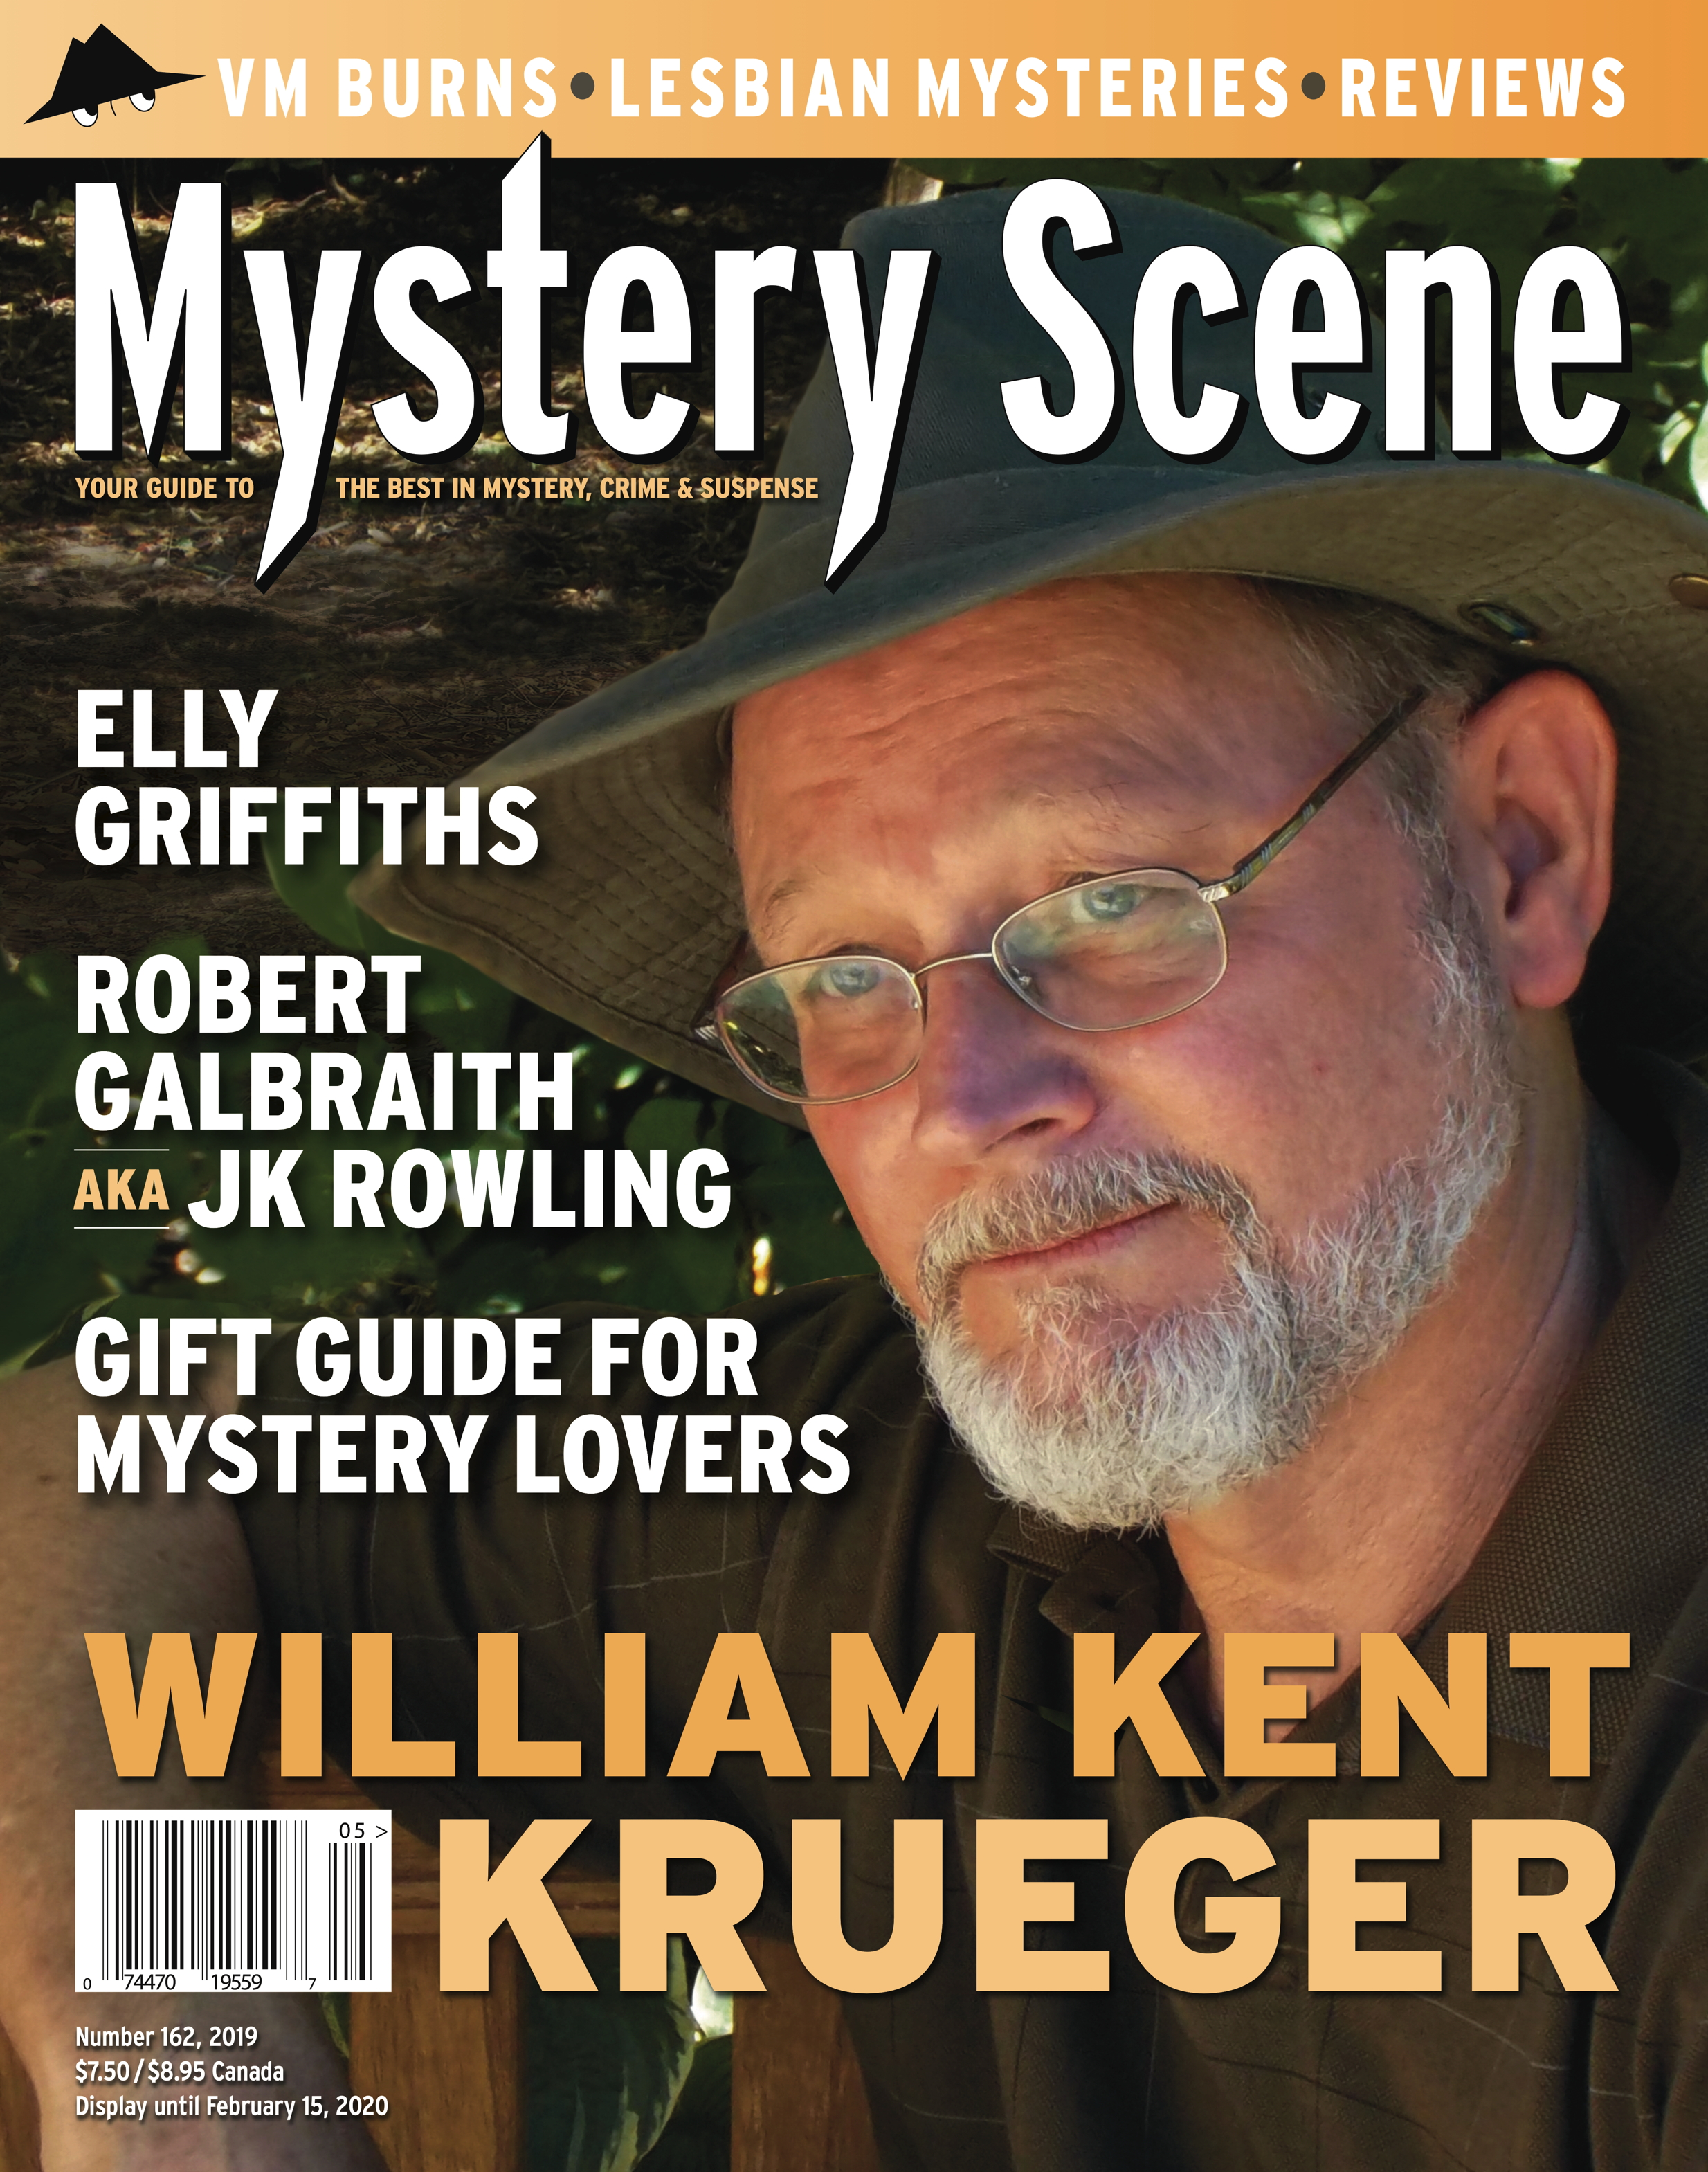 Mystery Scene Issue #162, William Kent Krueger